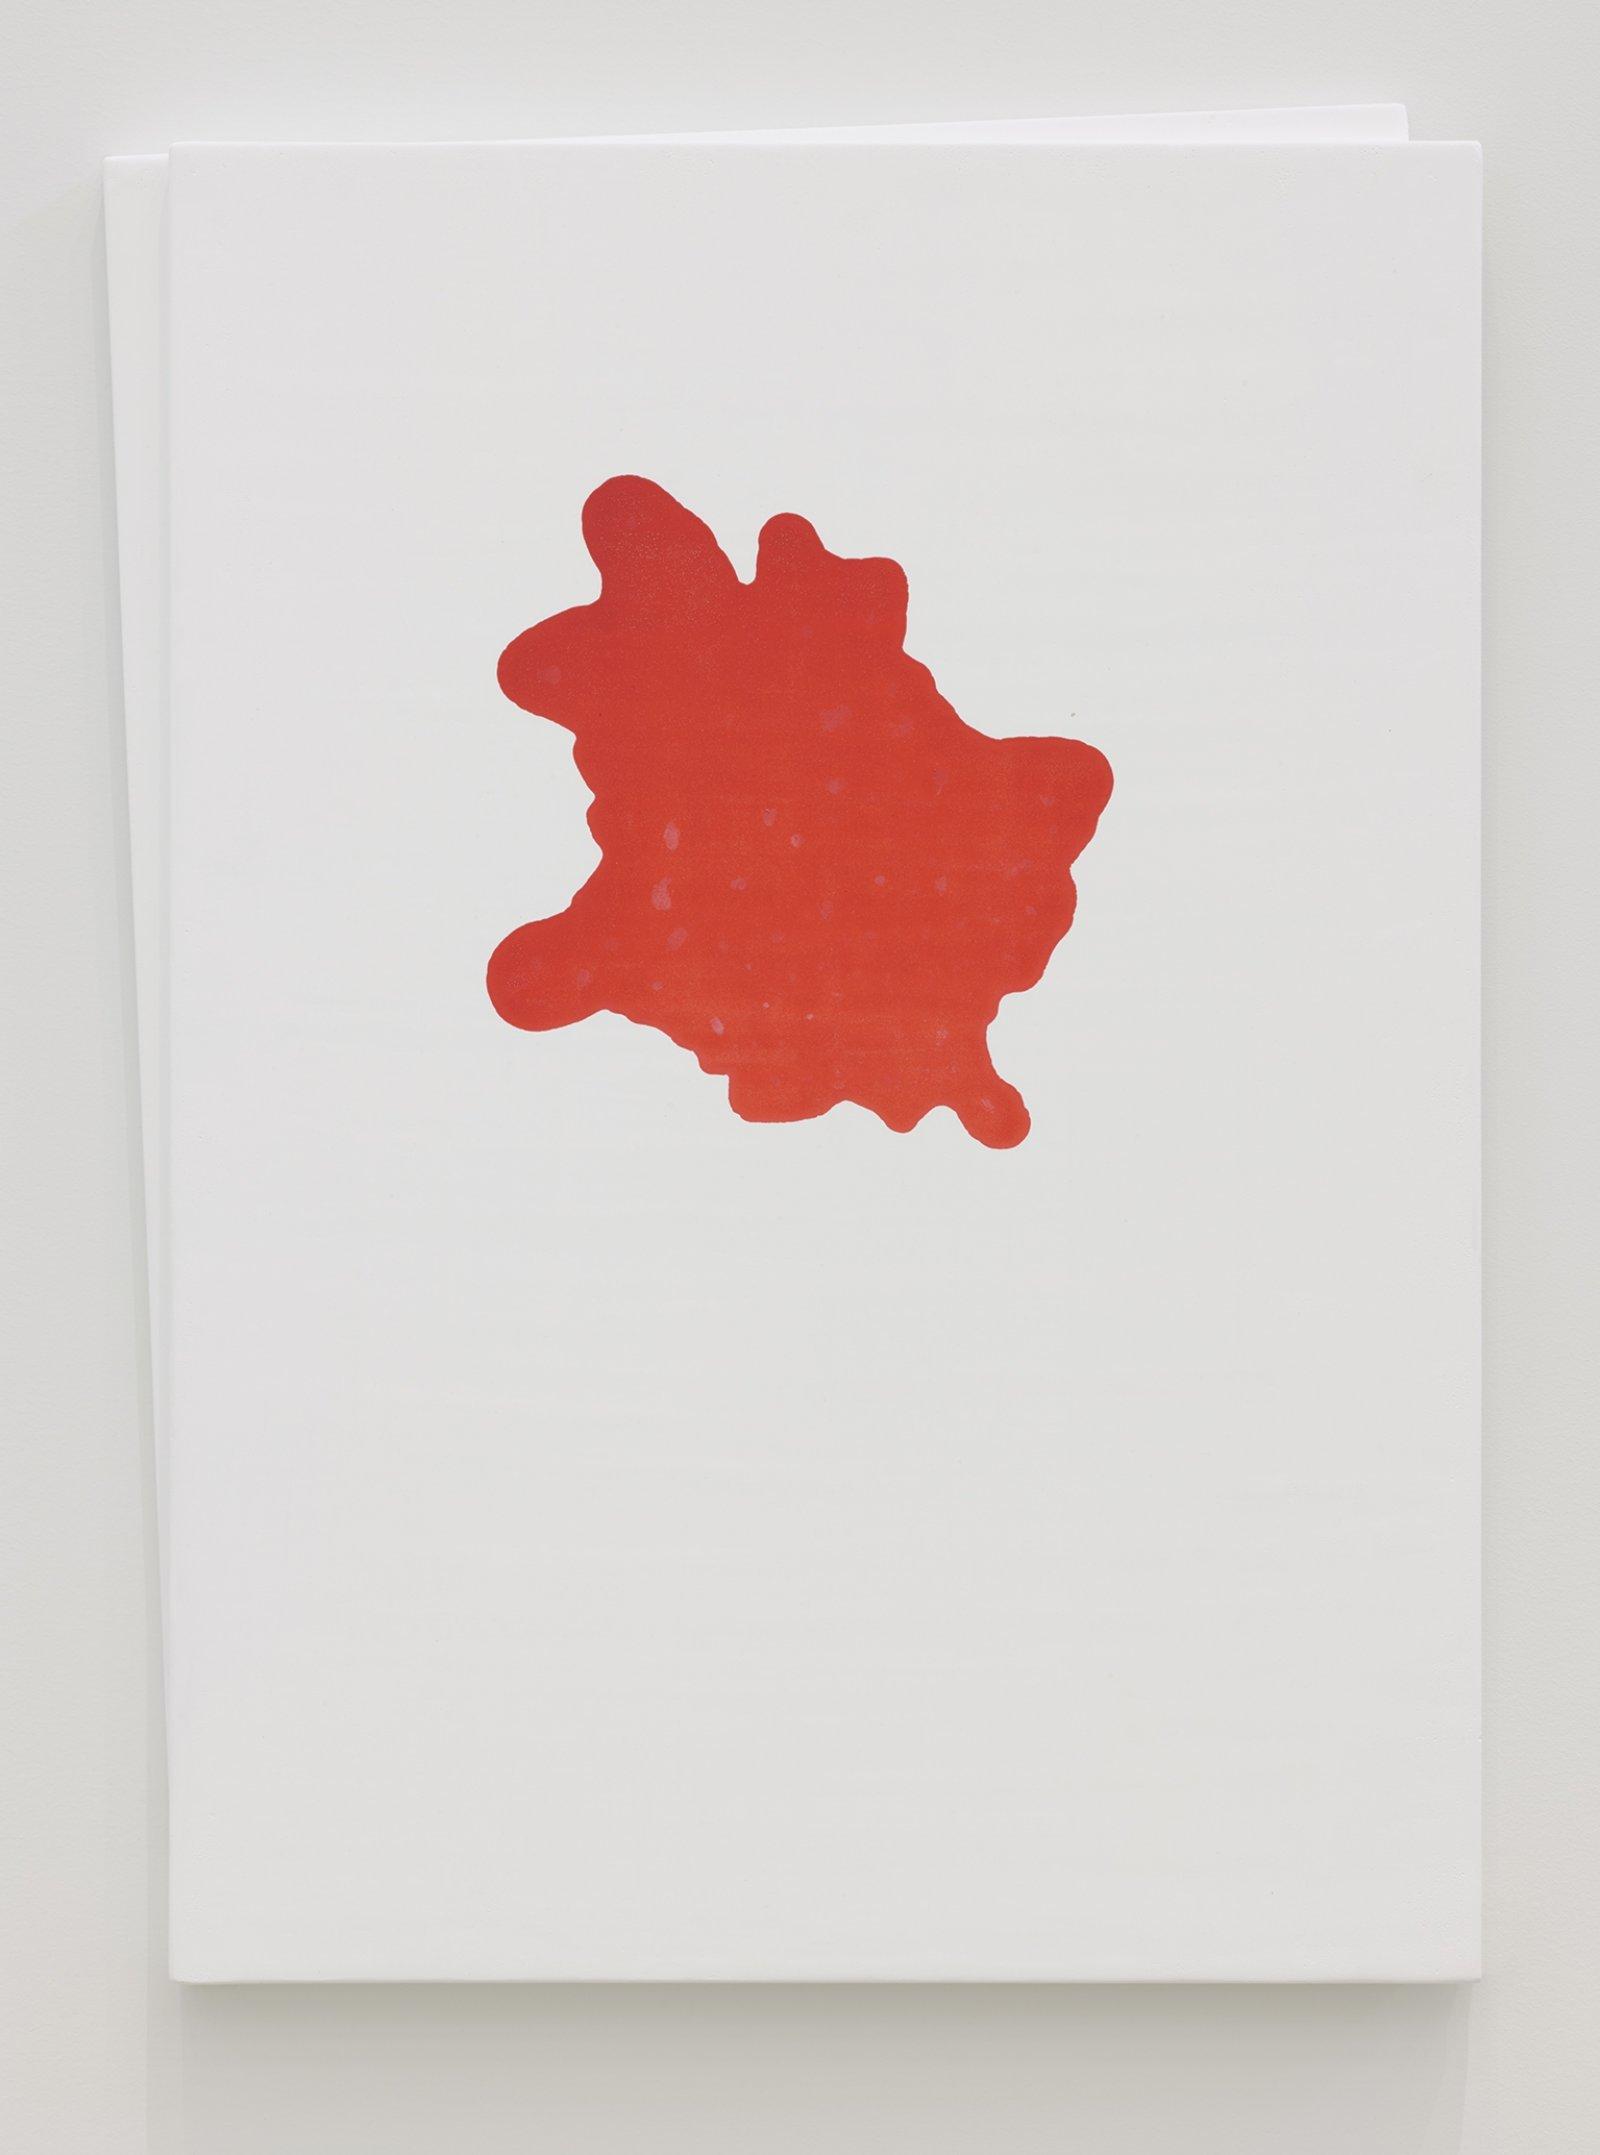 Christina Mackie, Chalk no. 7, 2019, birch ply, chalk gesso, watercolour, 35 x 26 in. (88 x 65 cm) by Christina Mackie